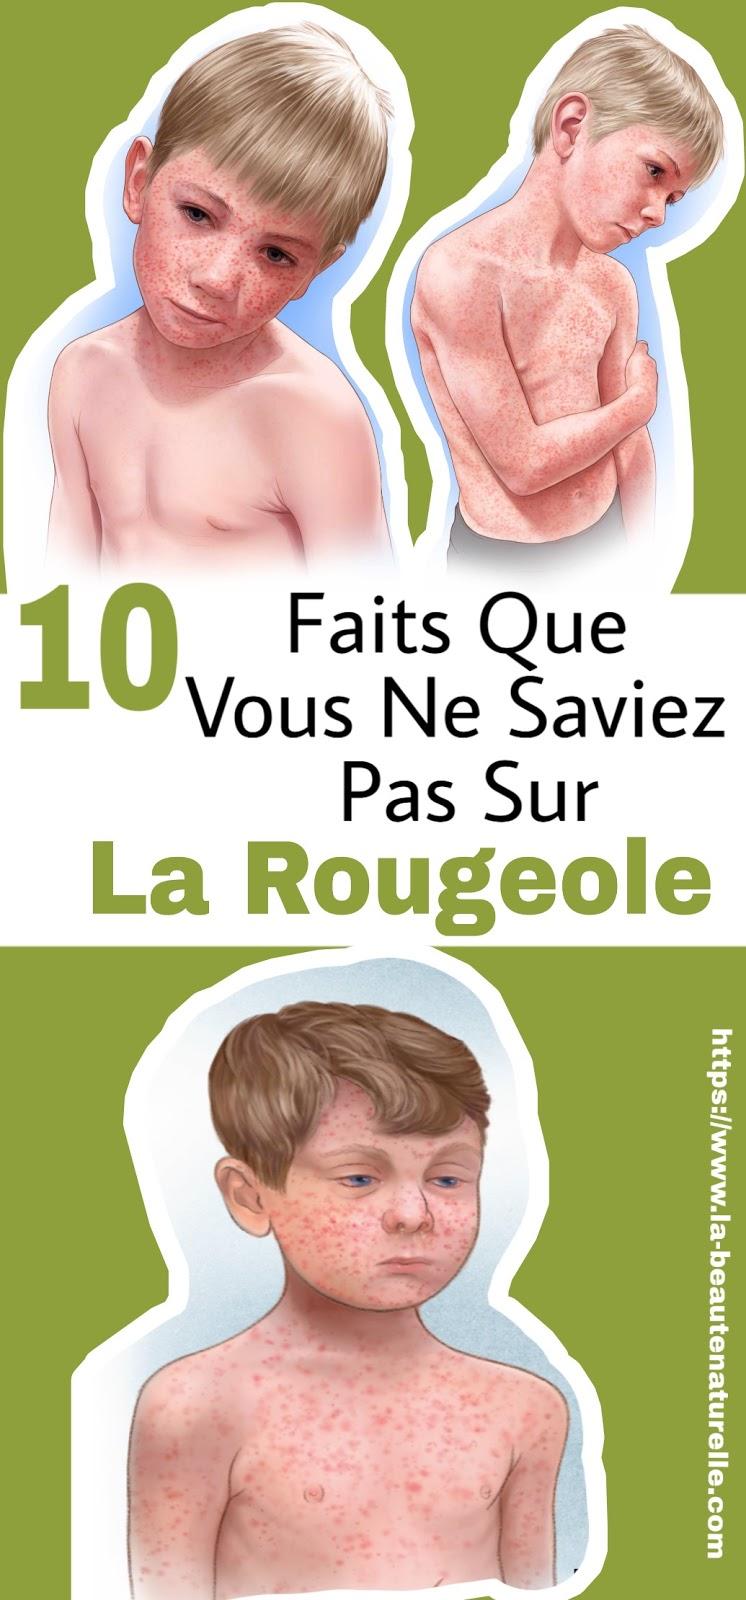 10 Faits Que Vous Ne Saviez Pas Sur La Rougeole